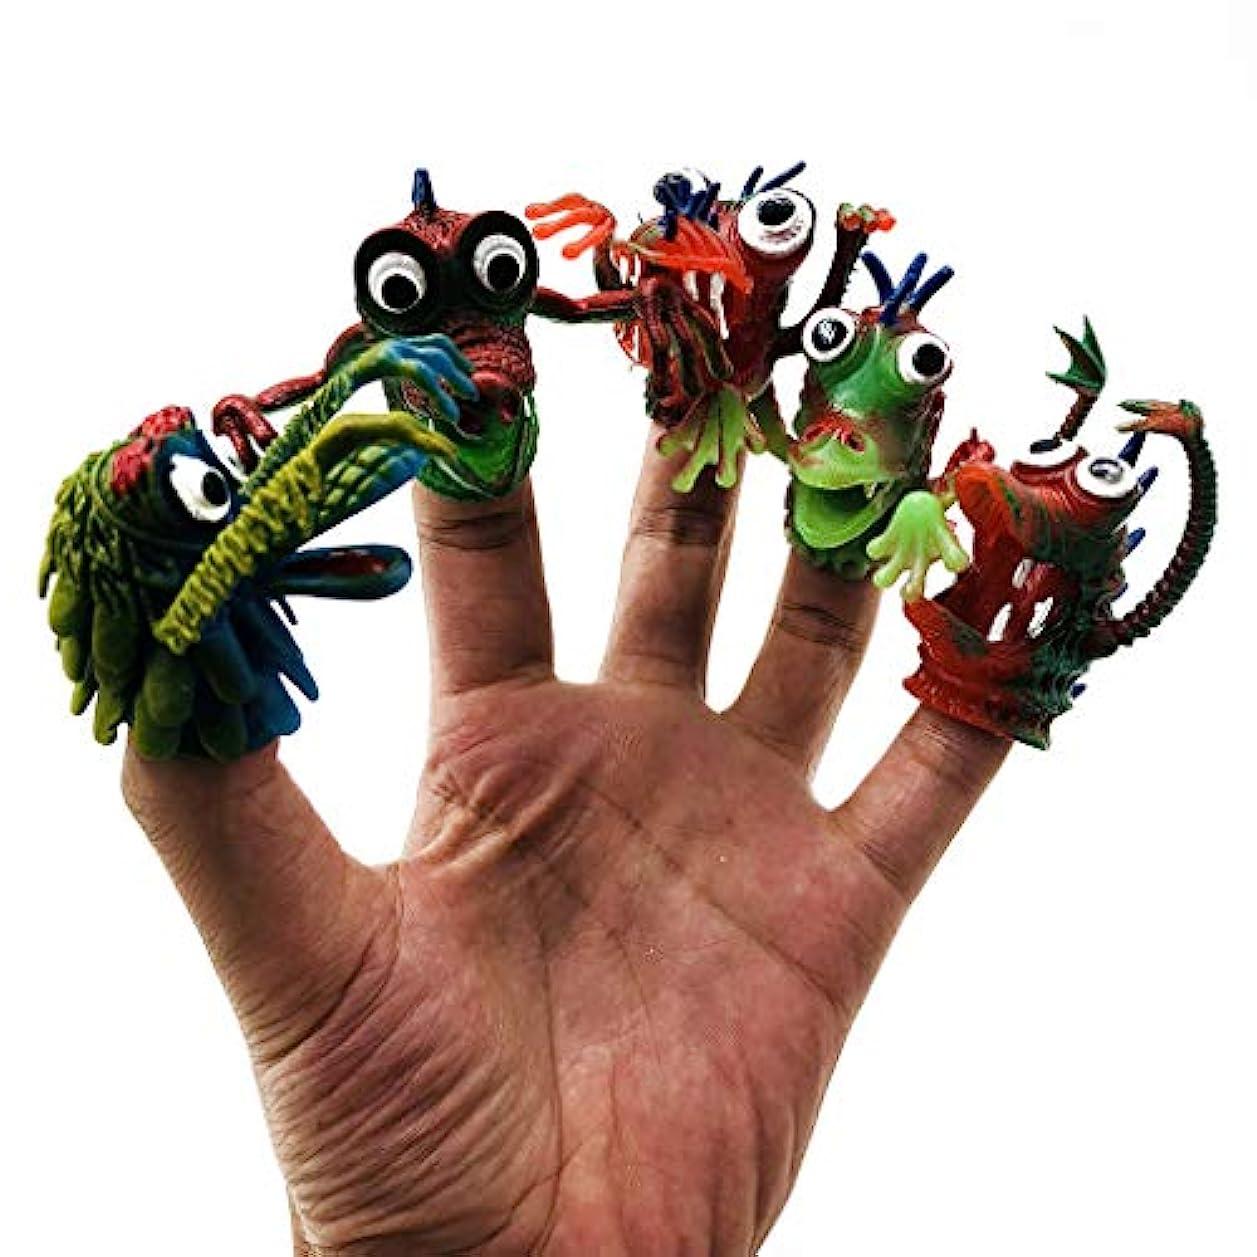 アリスビジター異常GOOD lask おかしい子供の指のおもちゃ、環境に優しいポリ塩化ビニールの指セット